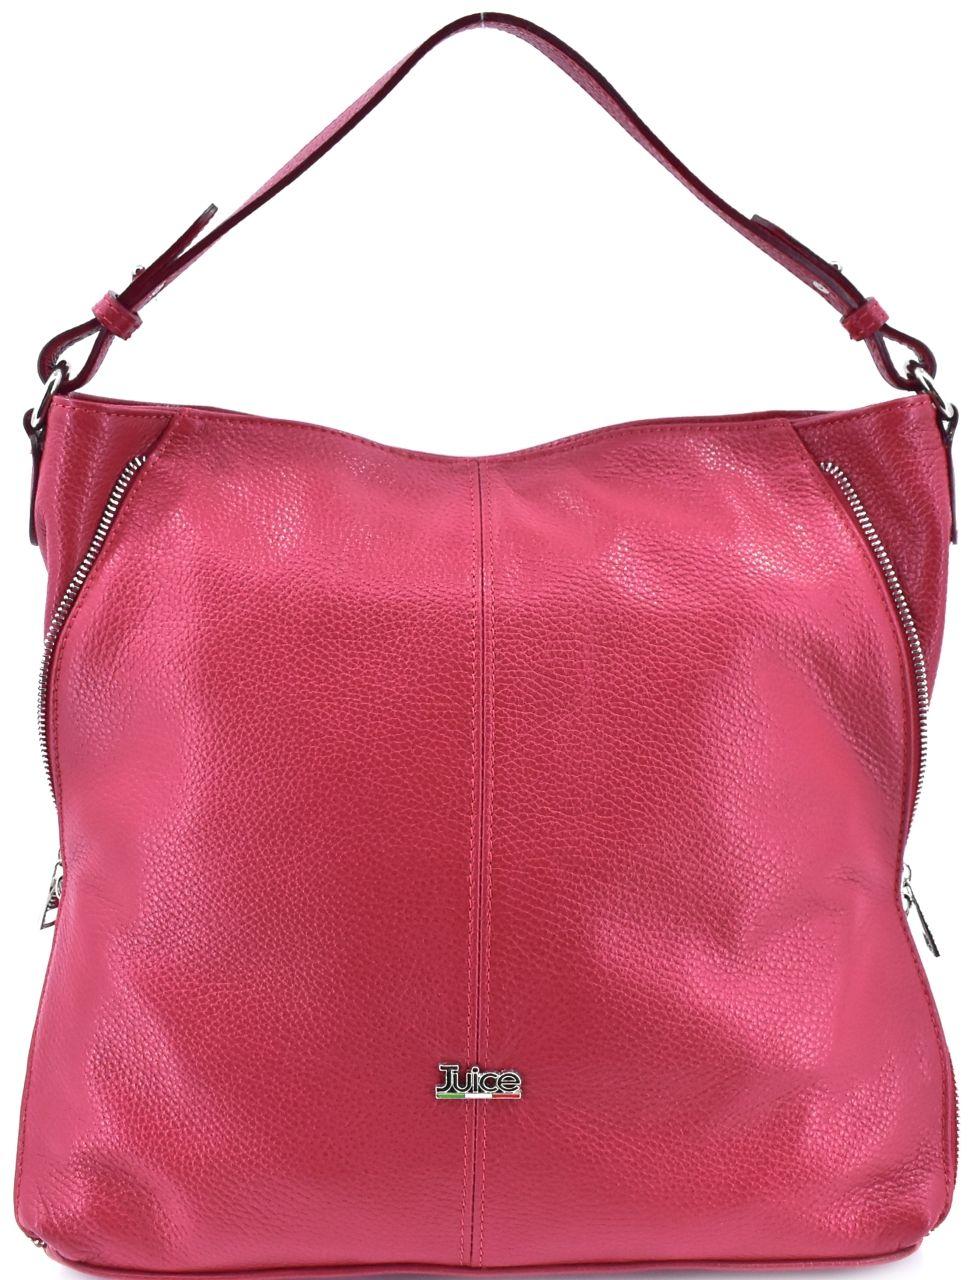 Dámská kožená kabelka Juice - červená 112173